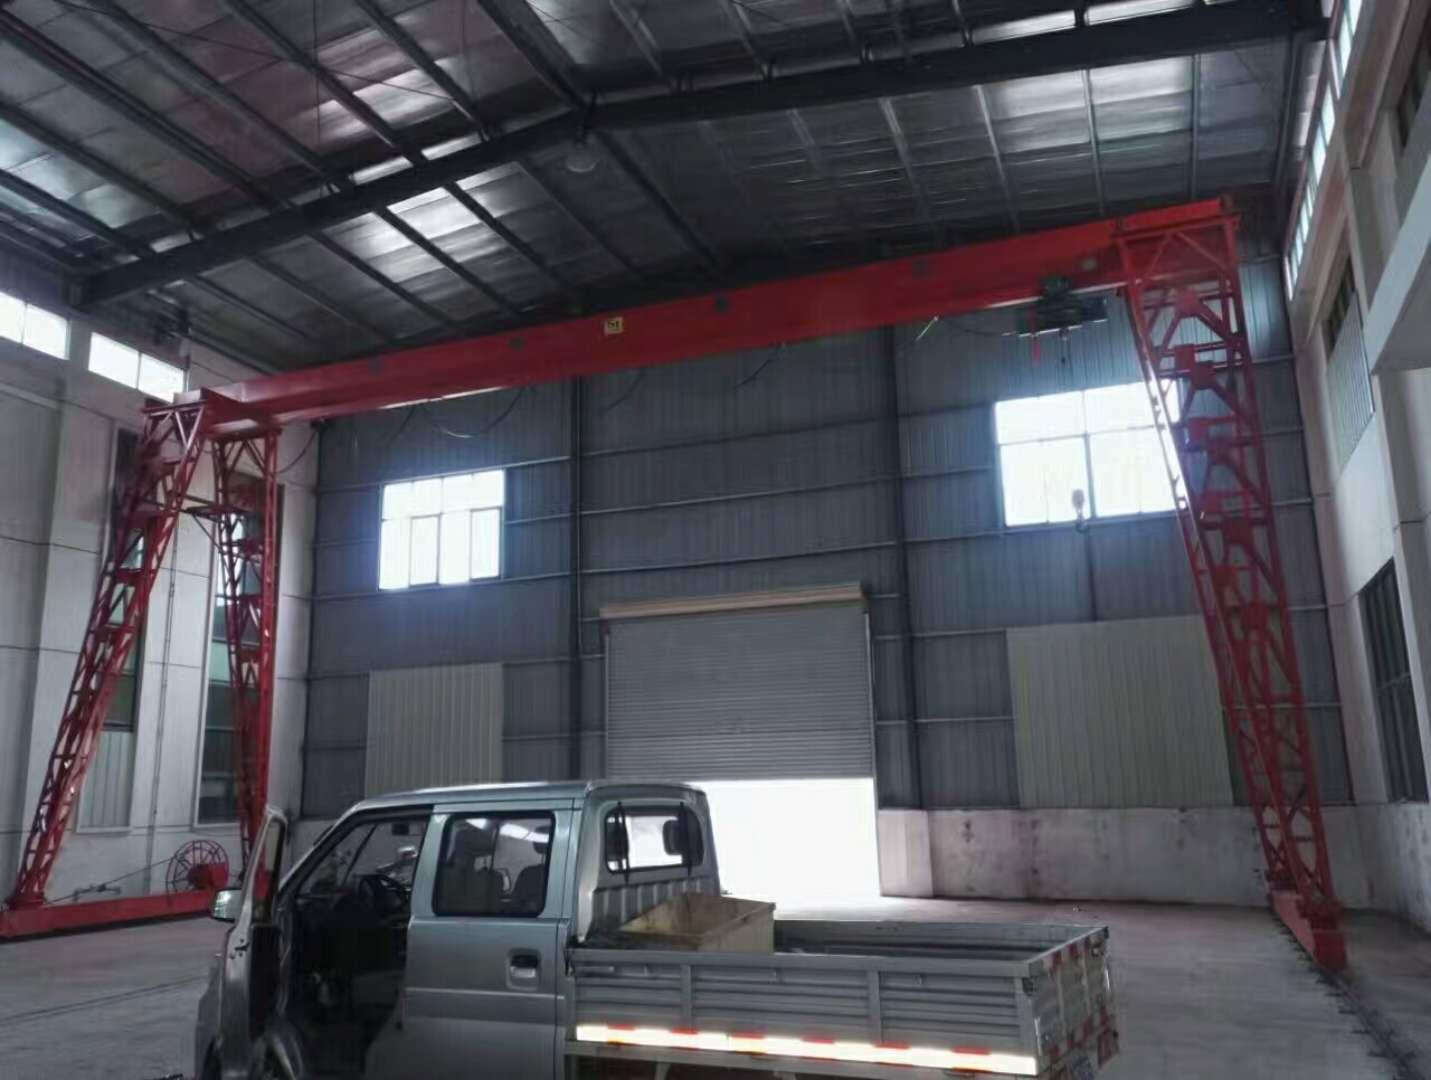 5吨航车多少钱,8吨桥式起重机生产厂家,50吨天吊什么价格